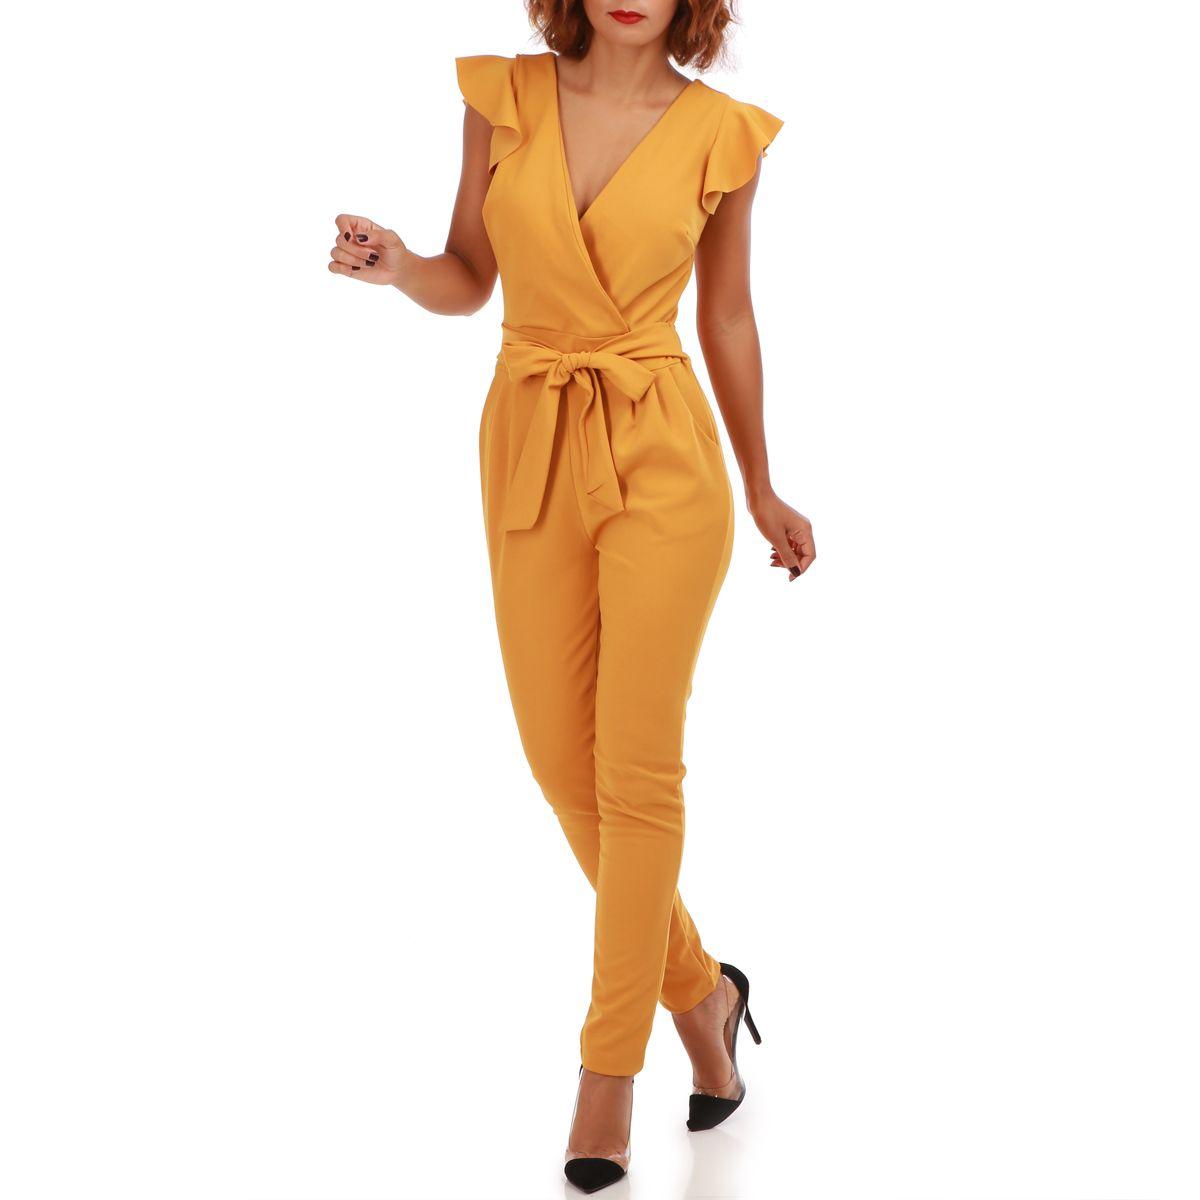 combinaison femme pas cher combinaison pantalon jaune moutarde a volants femme pas cher la www hmbusiness fr